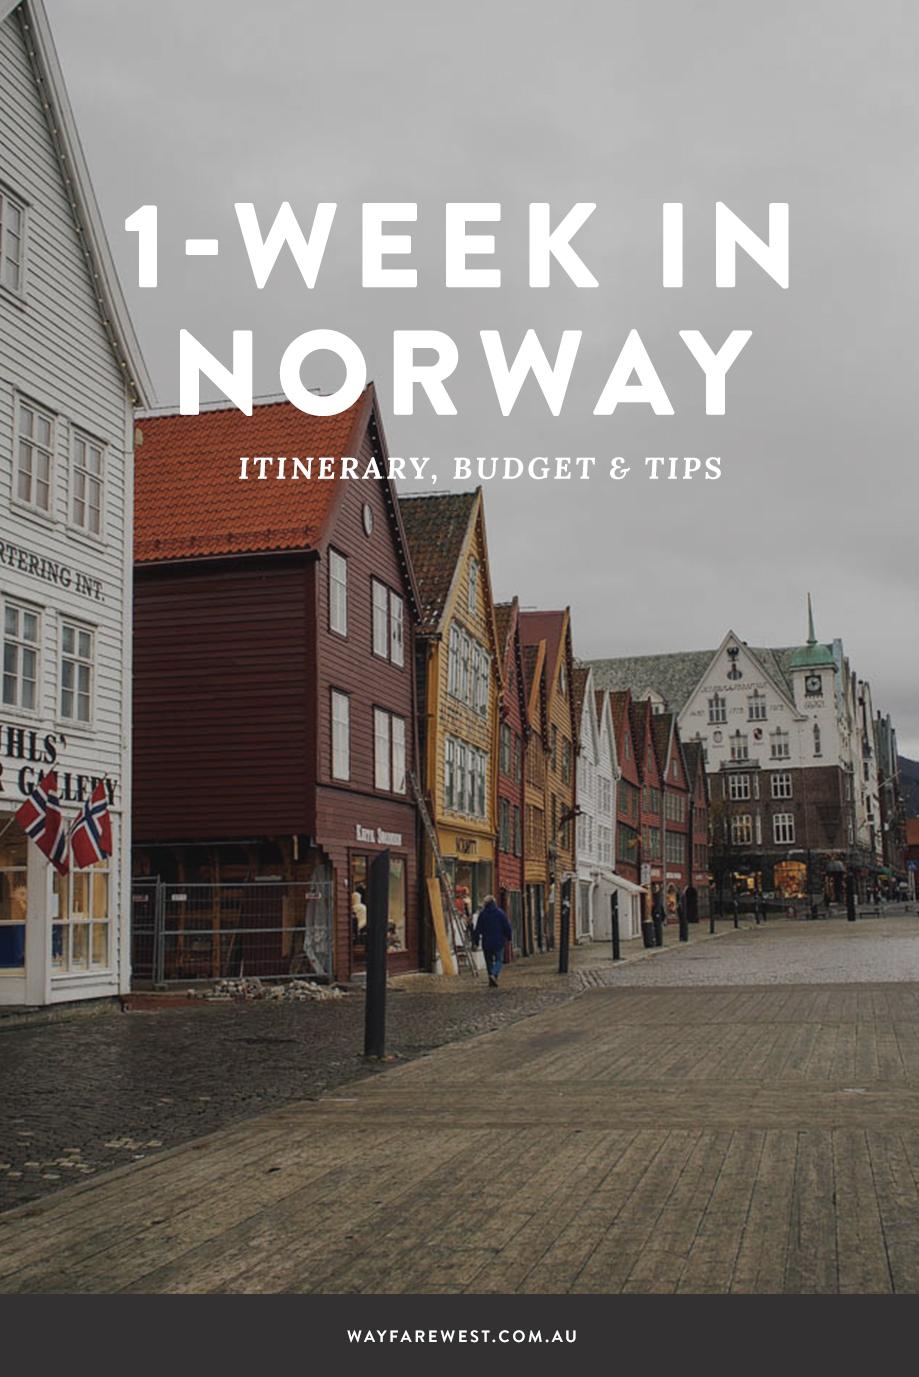 1 week in norway